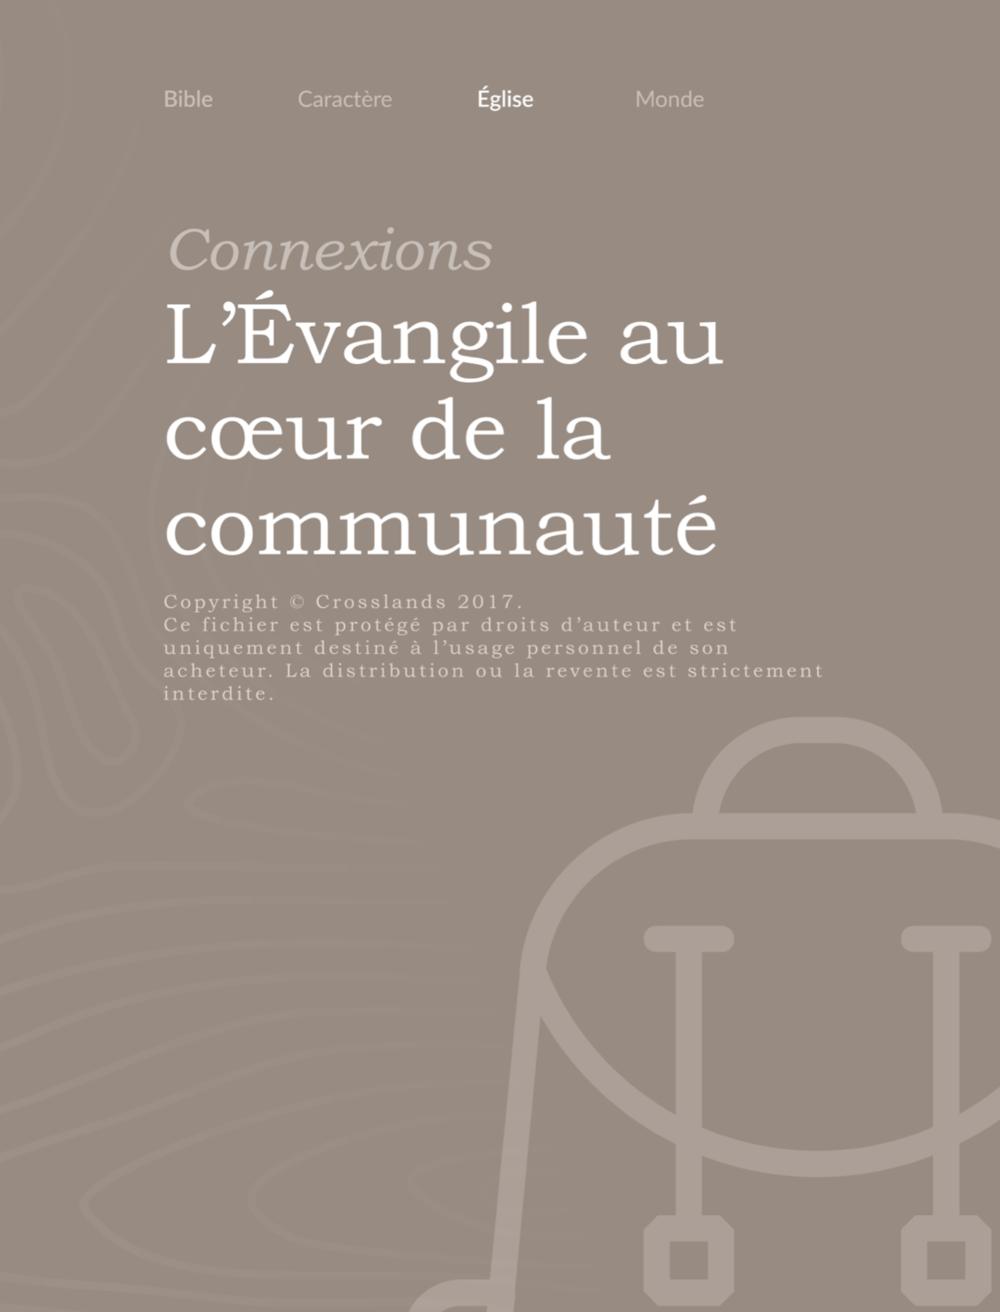 L'Évangile au cœur de la communauté_sample_published.1.png